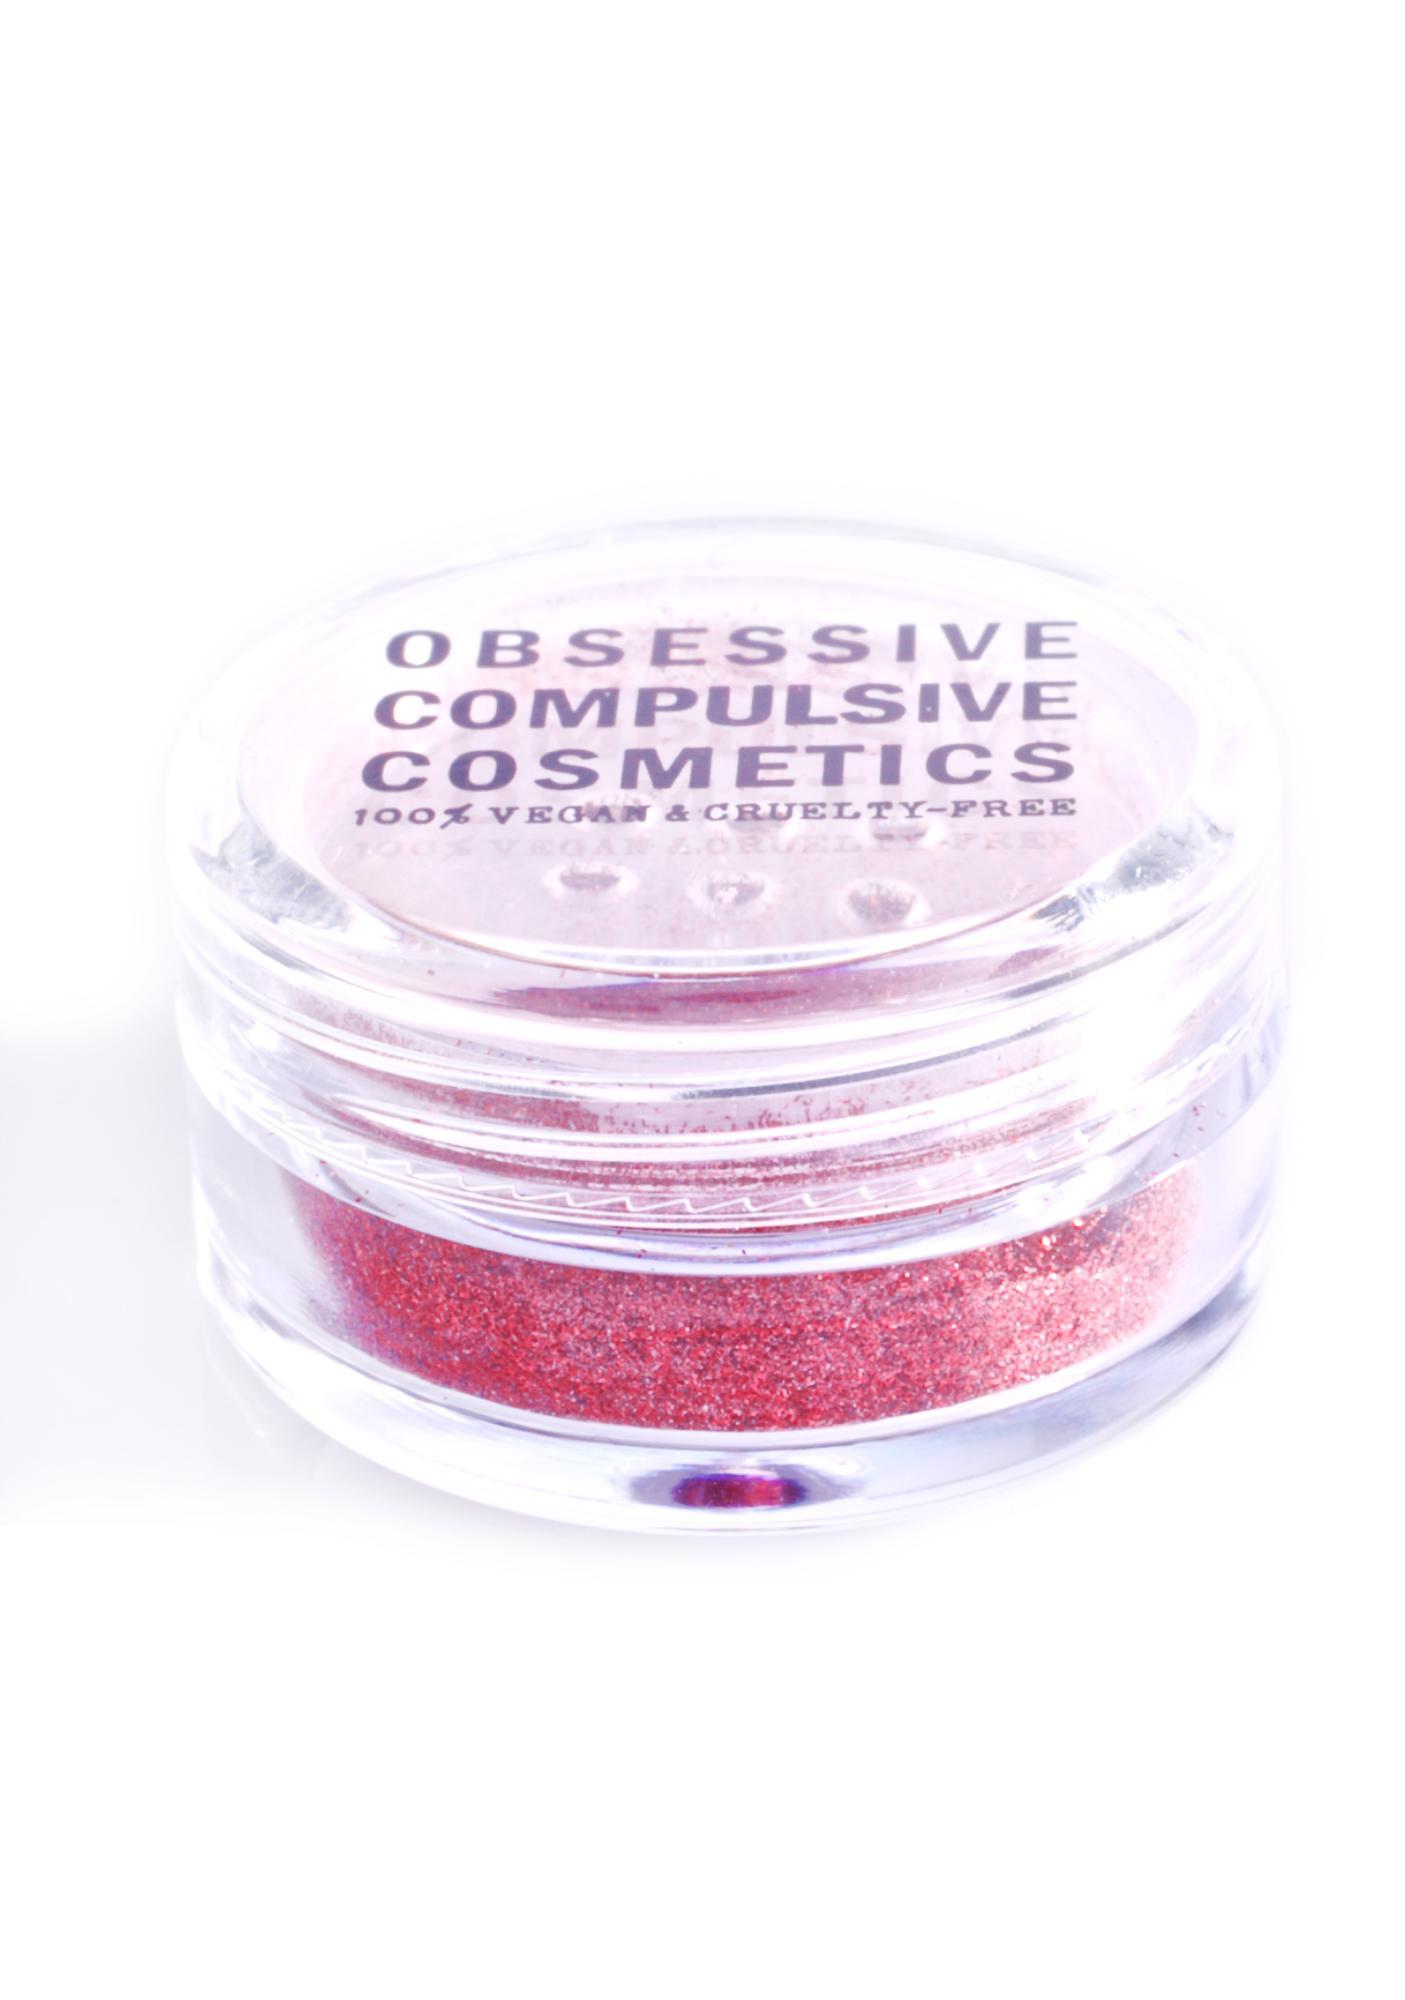 Obsessive Compulsive Cosmetics Red Cosmetic Glitter